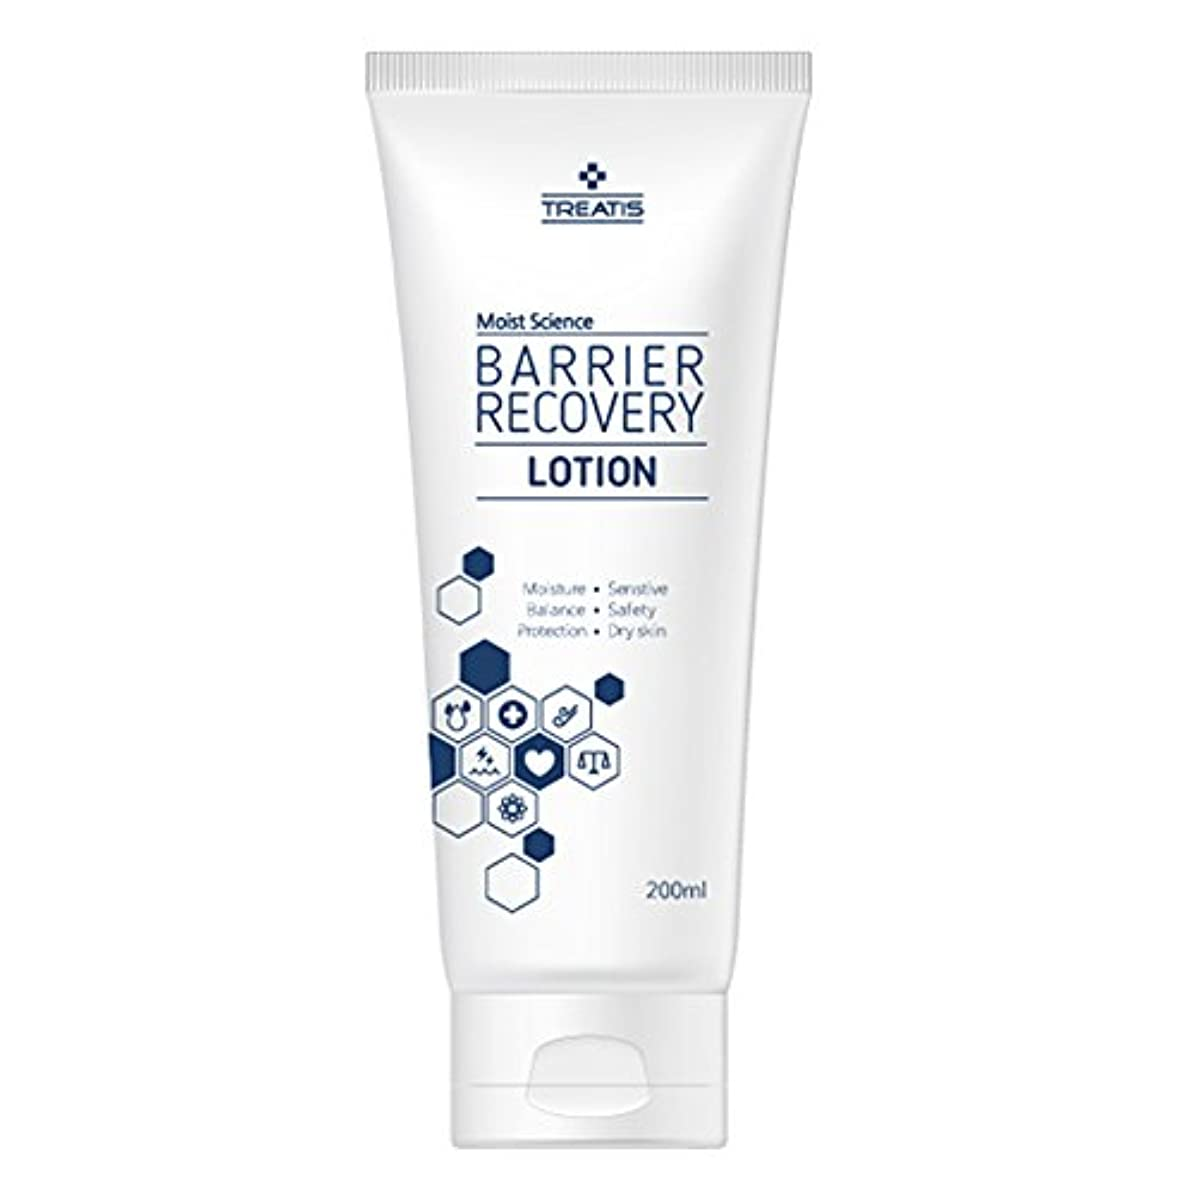 ステンレス遠いシーケンスTreatis barrier recovery lotion 7oz (200ml)/Moisture, Senstive, Balance, Safty, Protection, Dry skin [並行輸入品]